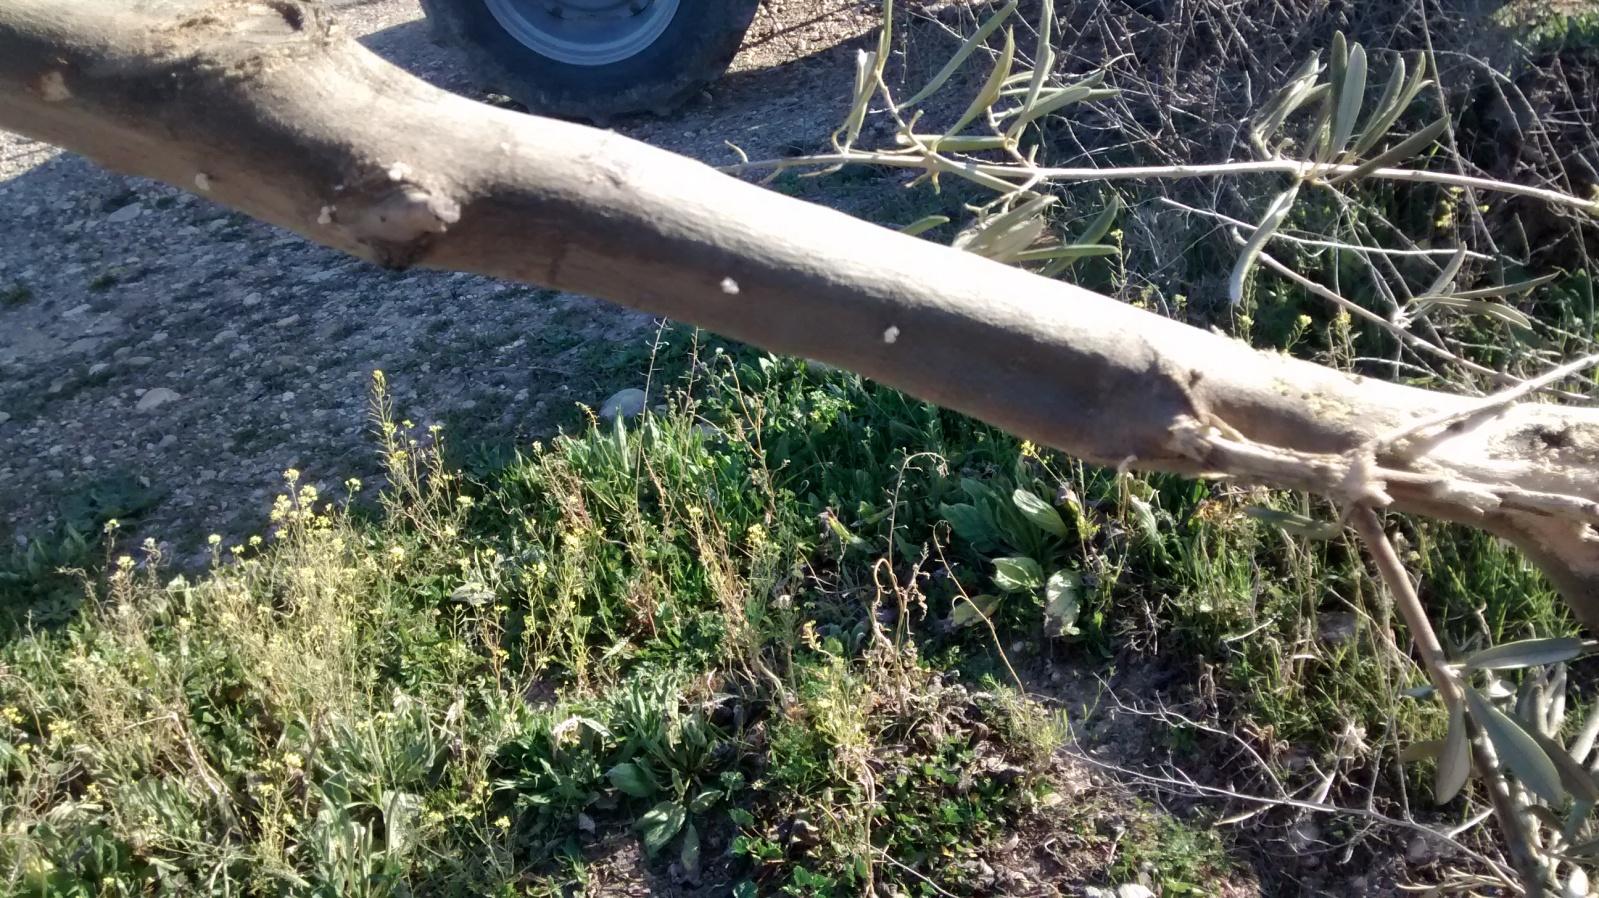 Barrenillos del olivo F25y0z